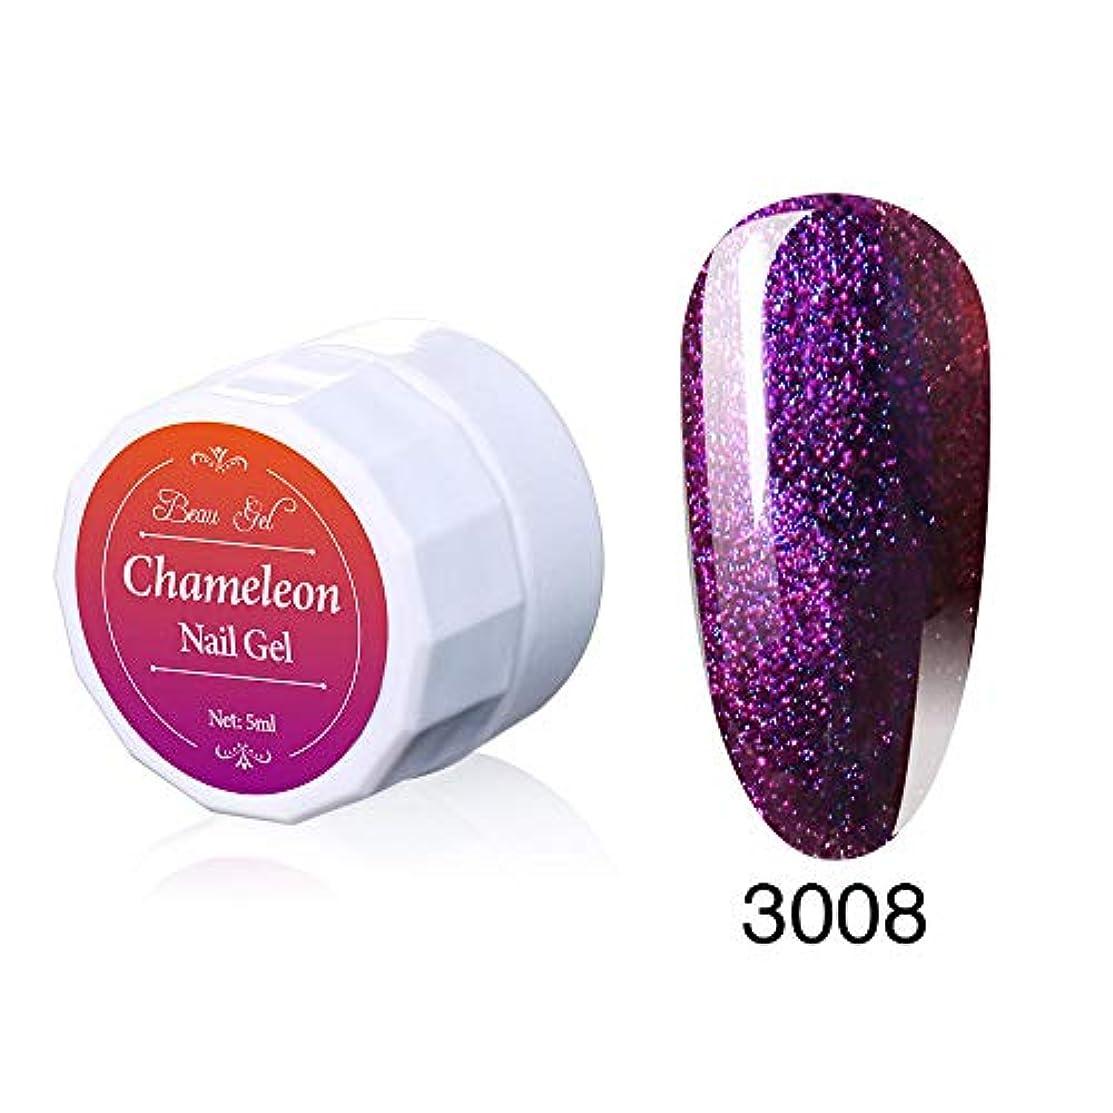 ウミウシ会話リレーBeau gel ジェルネイル カラージェル 変色系 1色入り 5ml-3008